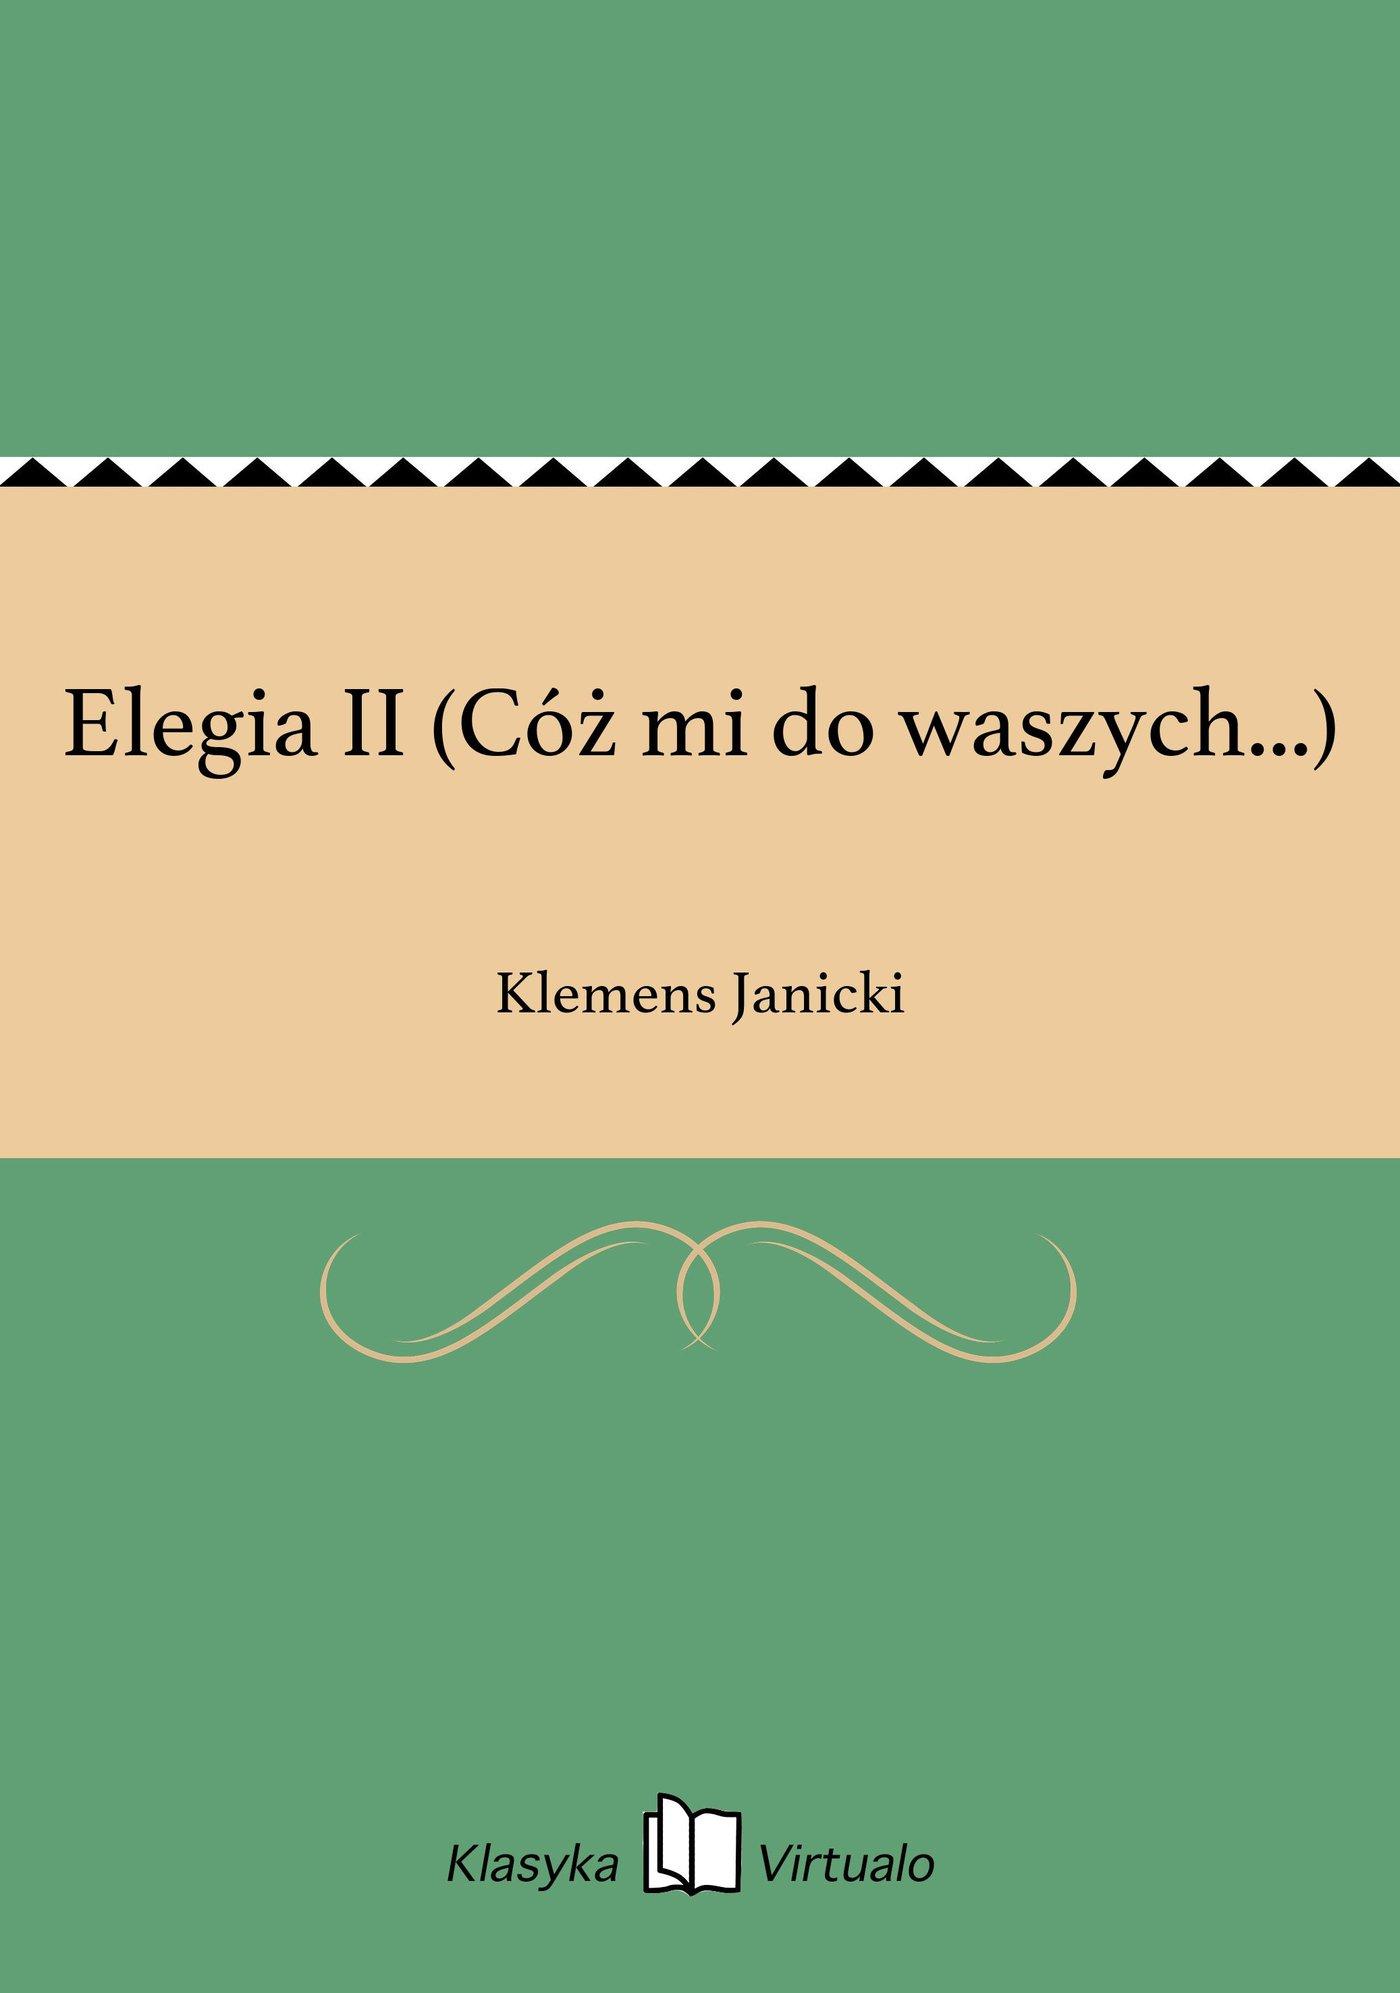 Elegia II (Cóż mi do waszych...) - Ebook (Książka EPUB) do pobrania w formacie EPUB